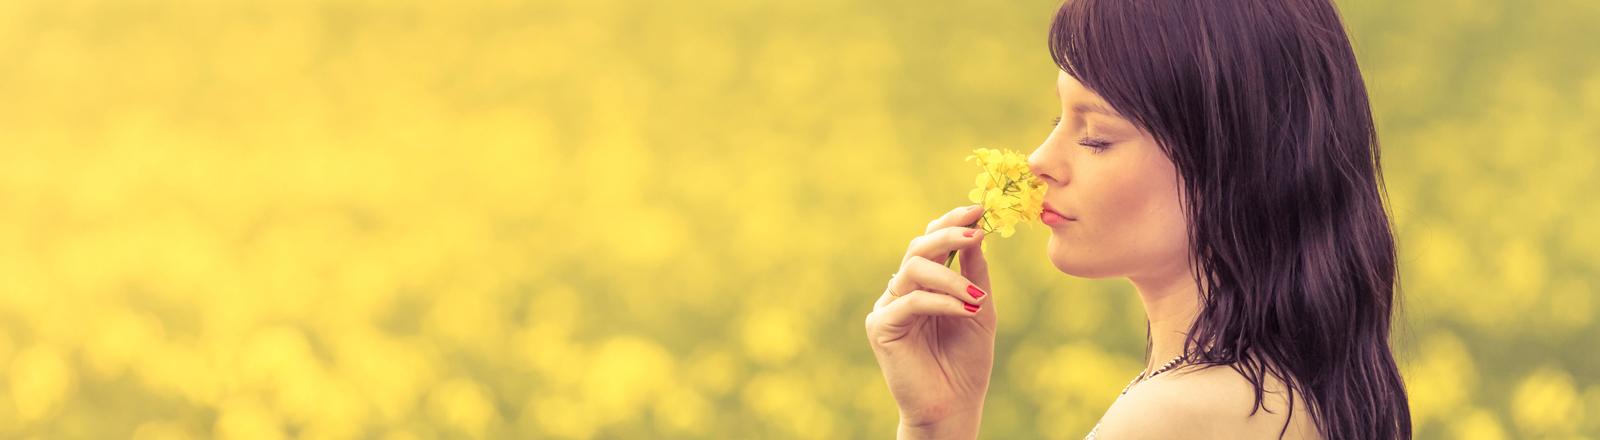 Eine Frau steht völlig sorglos in einem Rapsfeld und riecht an einer Blume.